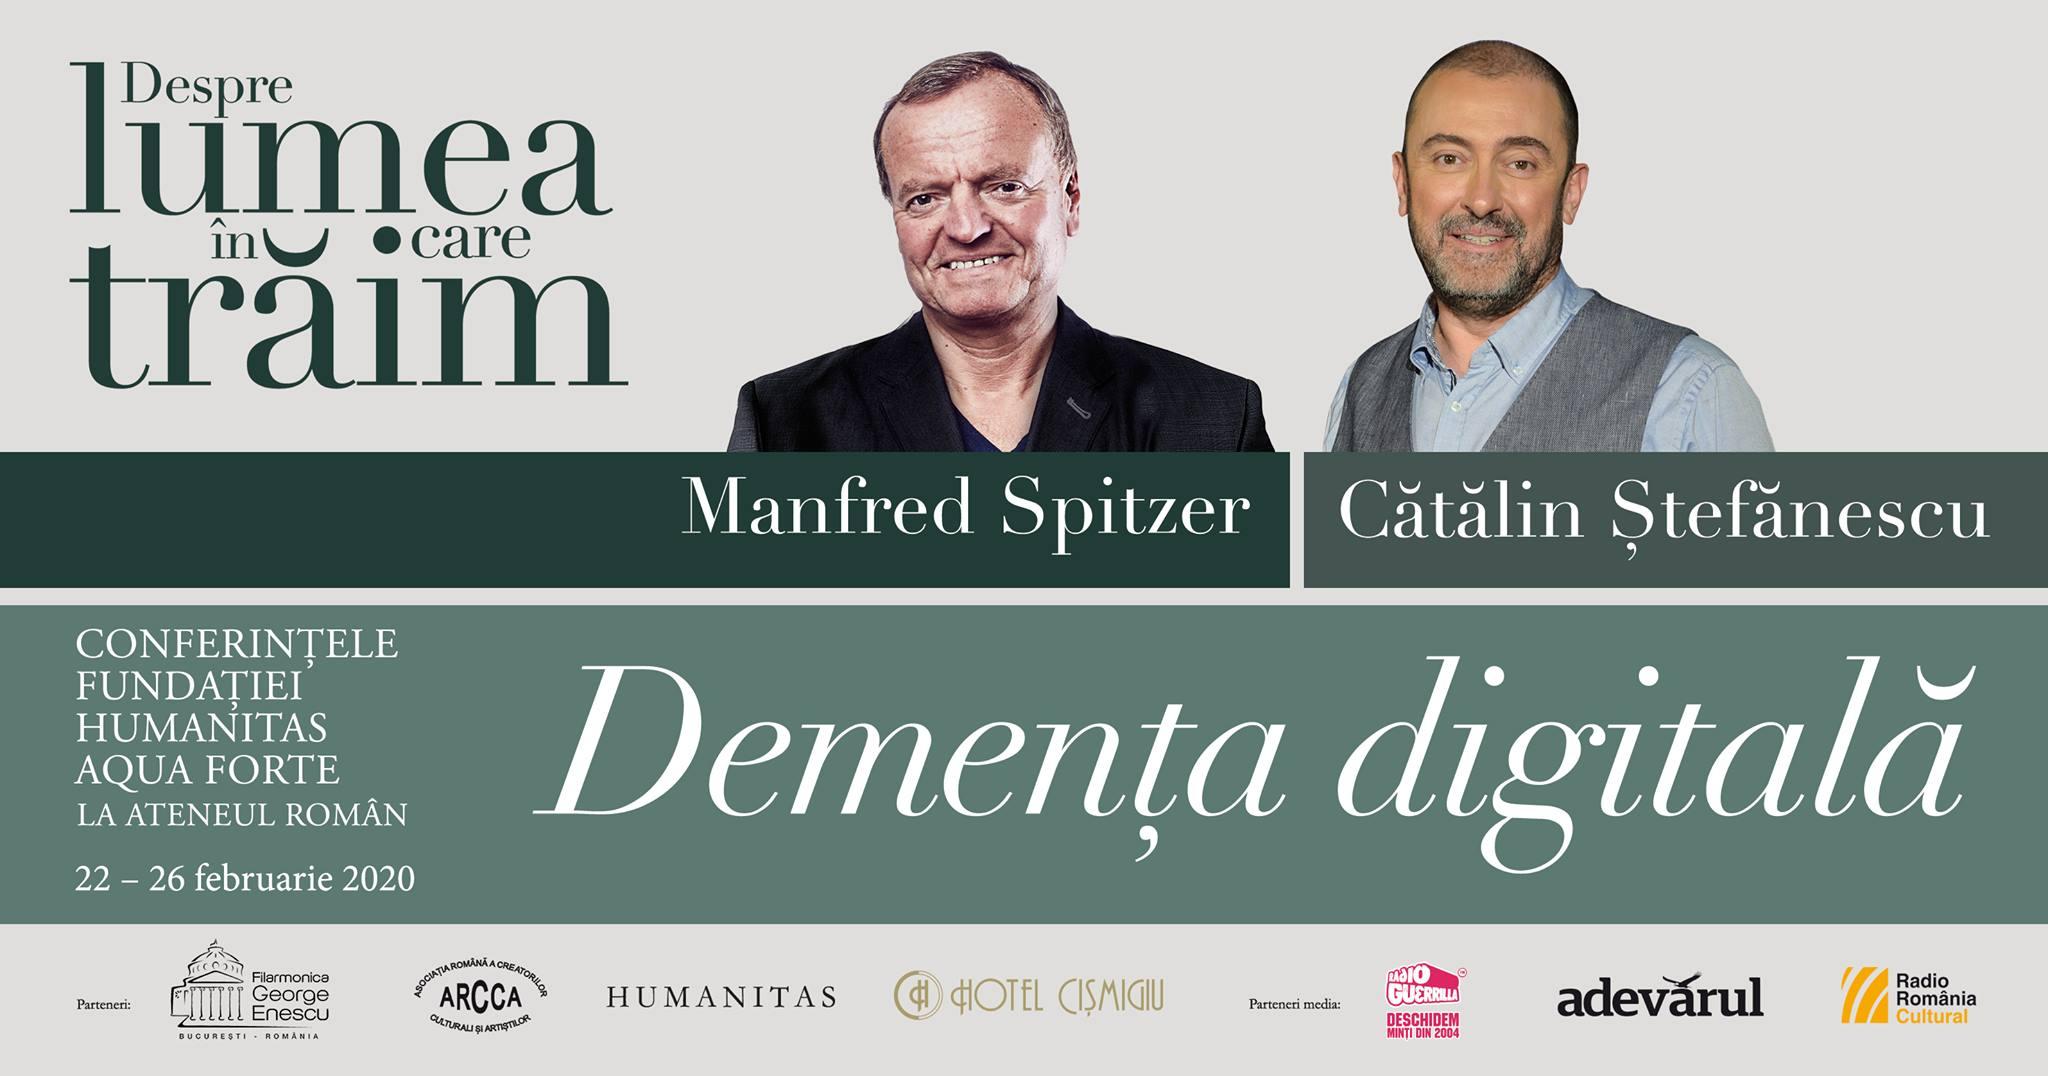 dementa digitala weekend 21-23 februarie